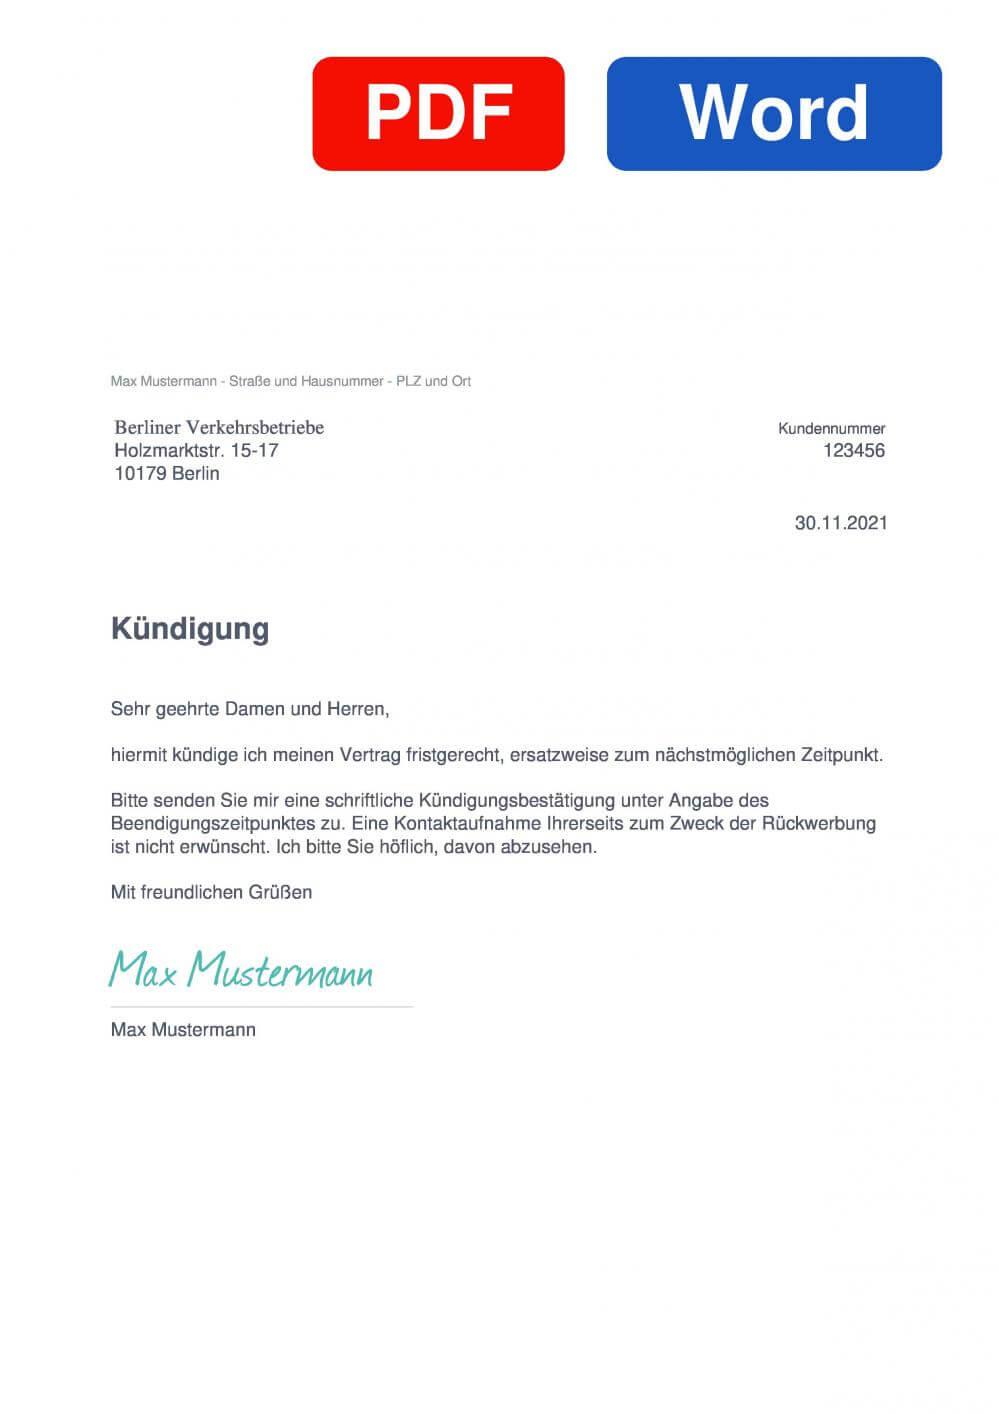 BVG Muster Vorlage für Kündigungsschreiben